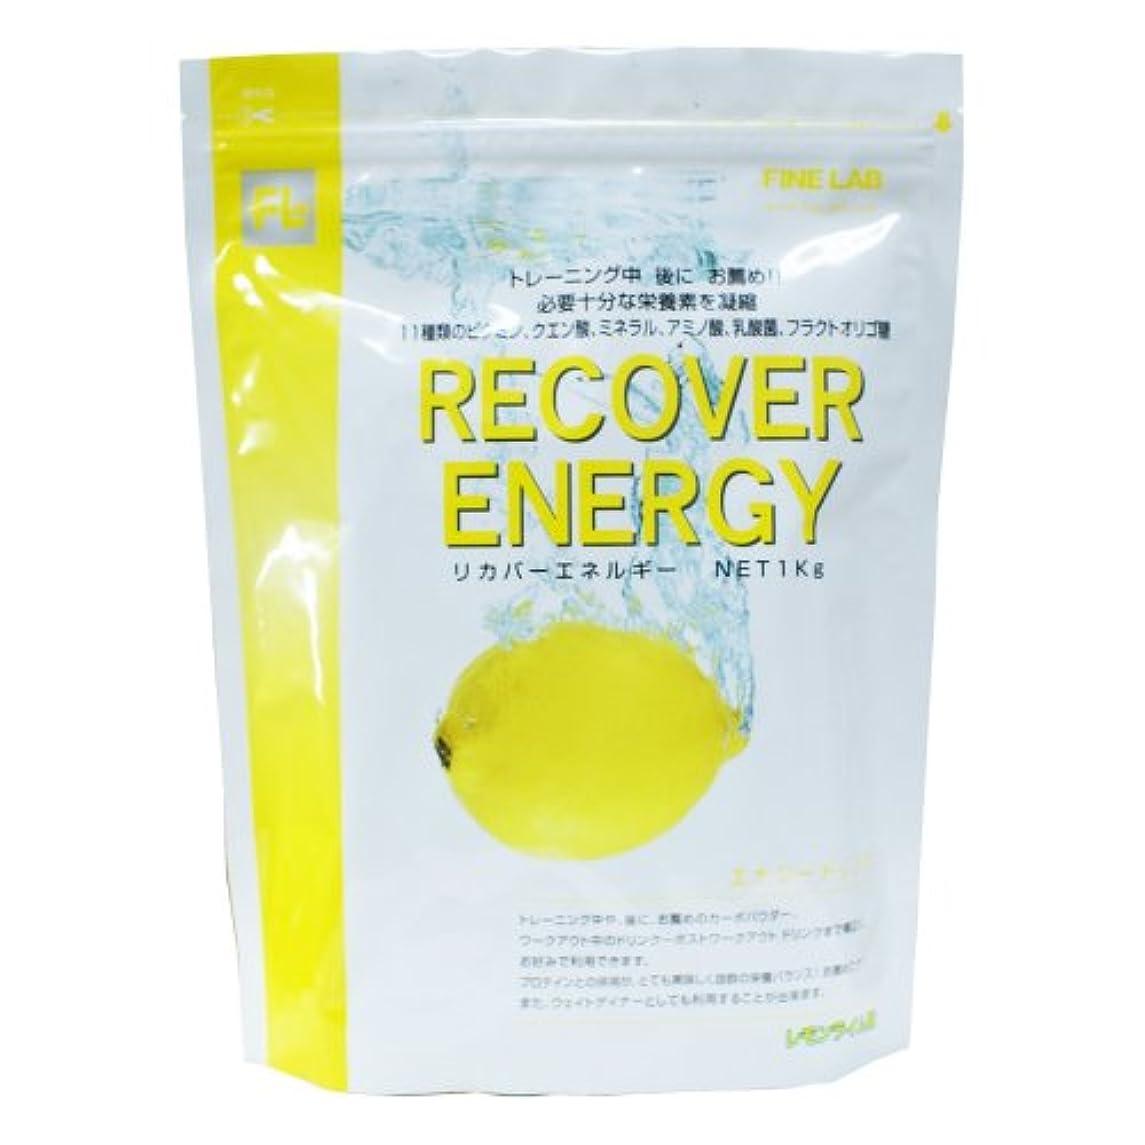 持っているタオル実行可能ファイン?ラボ リカバーエネルギー レモンライム風味 1kg